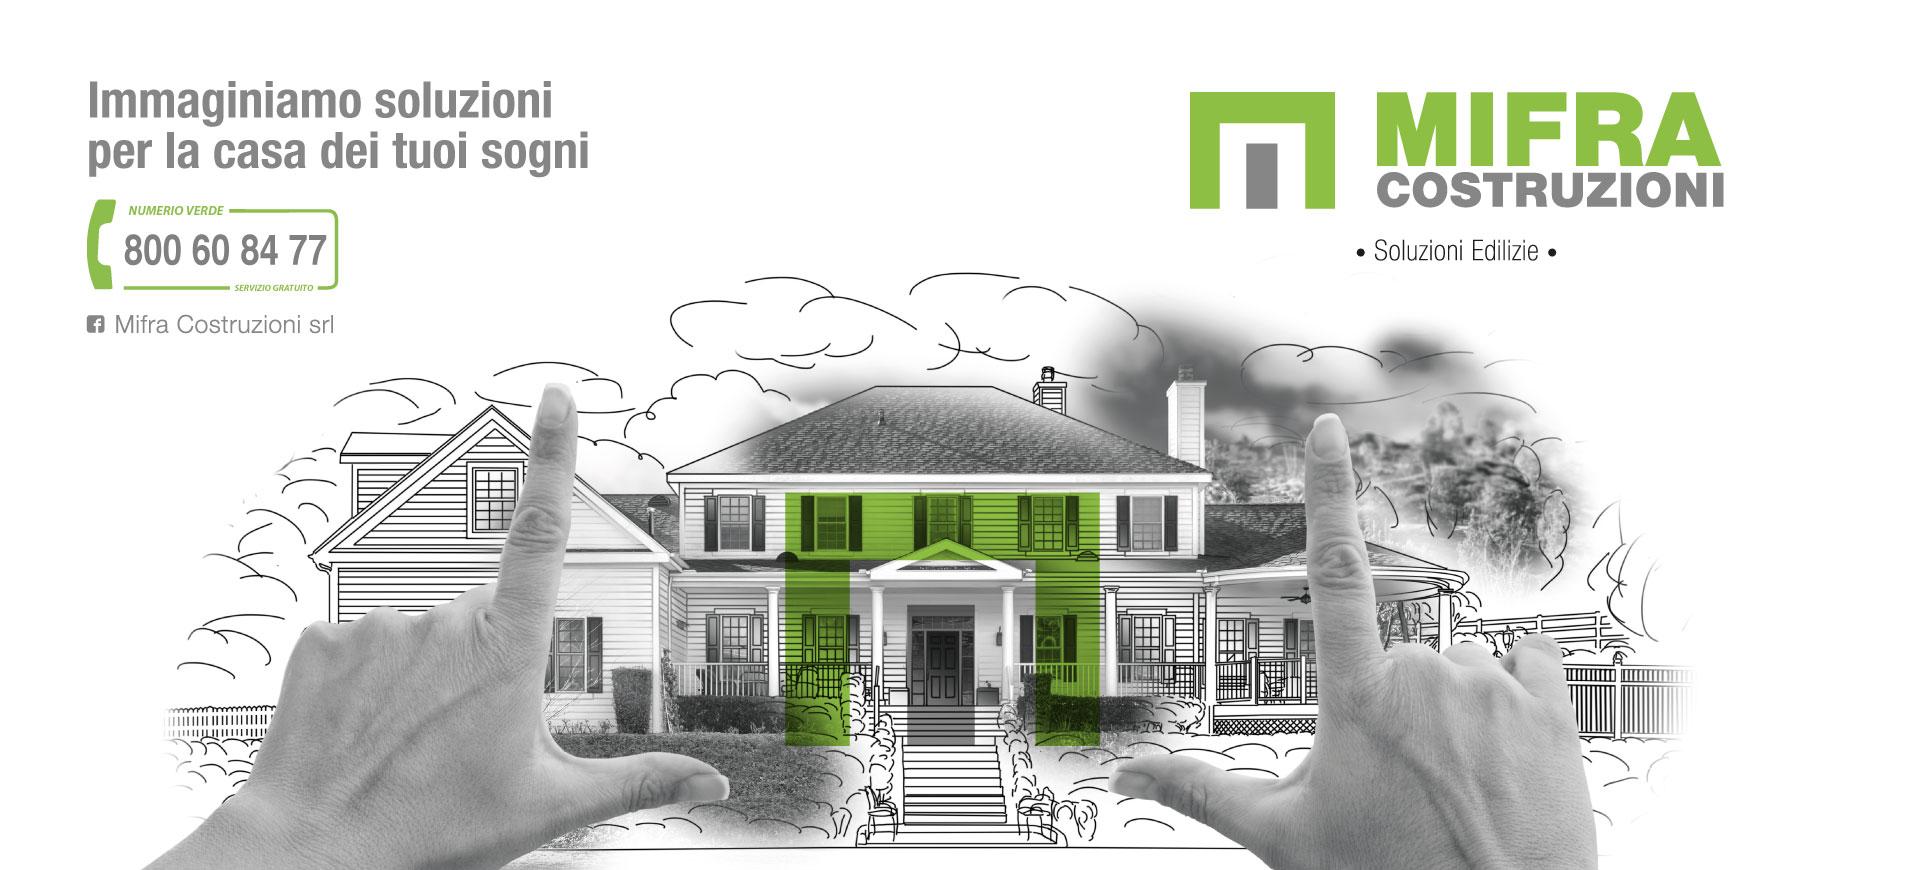 Impresa Edile Napoli #4182  msyte.com Idee e foto di ispirazione per la tua idea Ispirazione Di ...